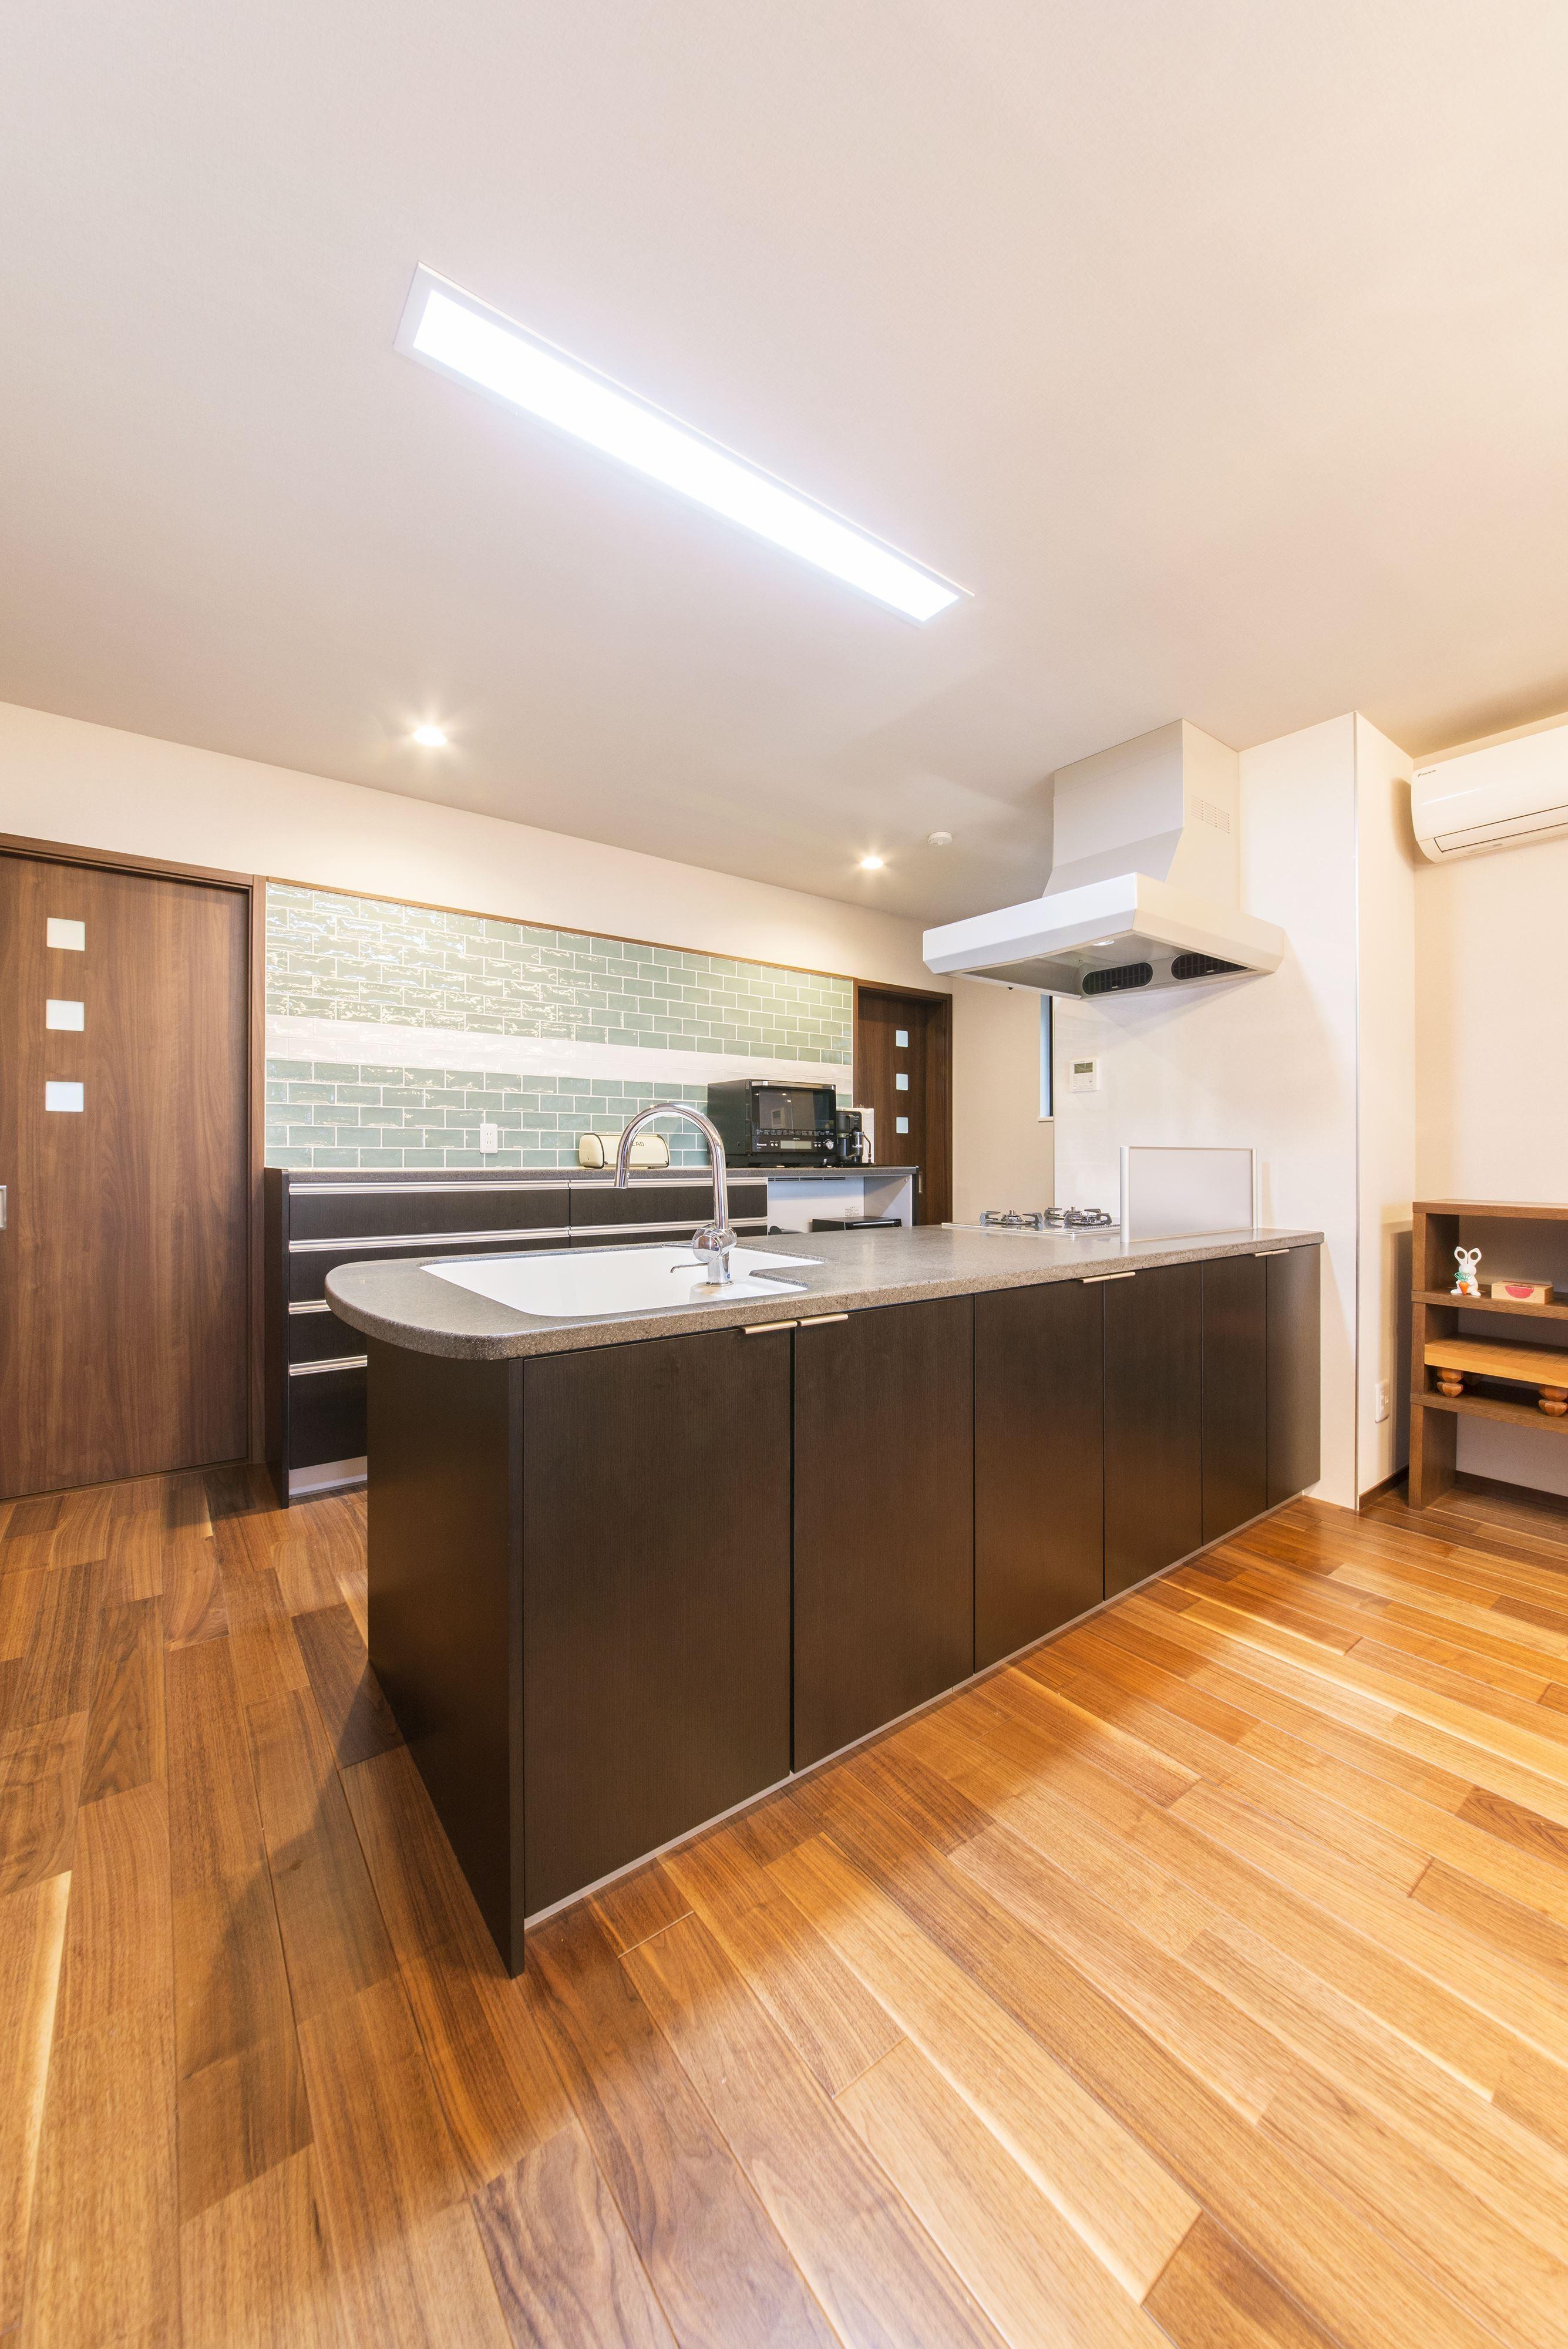 キッチン事例:1階のキッチンはL型をオープンスタイルの対面式に変更。(2階を増築して、デザイン性の高い上下分離型の二世帯住宅にリフォーム。)